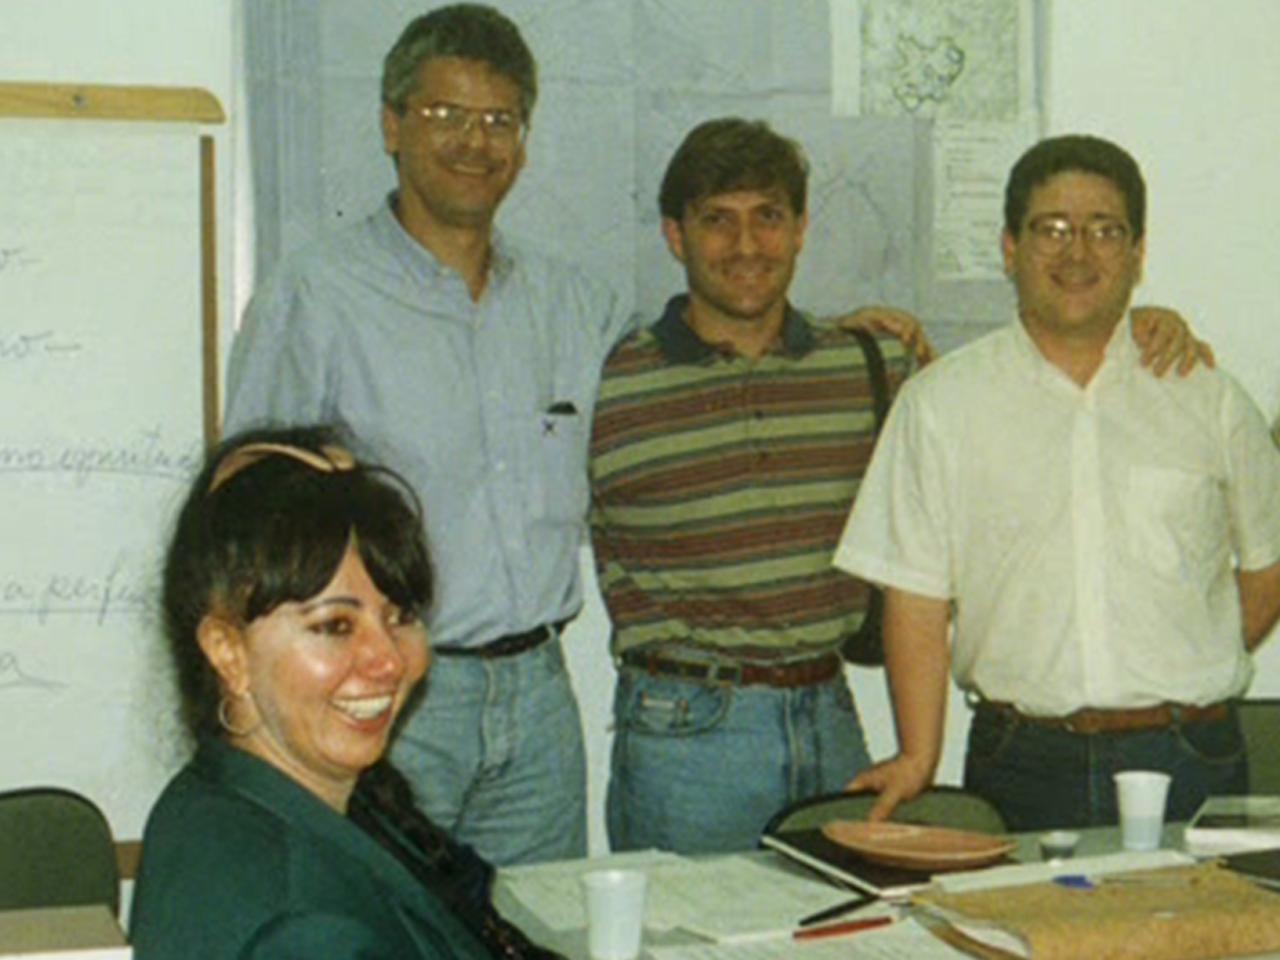 Marcelo Barata, uns dos fundadores, em pé e no meio, recebendo seu titulo patrimonial. Sentada, a sensitiva Mariza Santos, que teve papel fundamental na fundação da ARN.